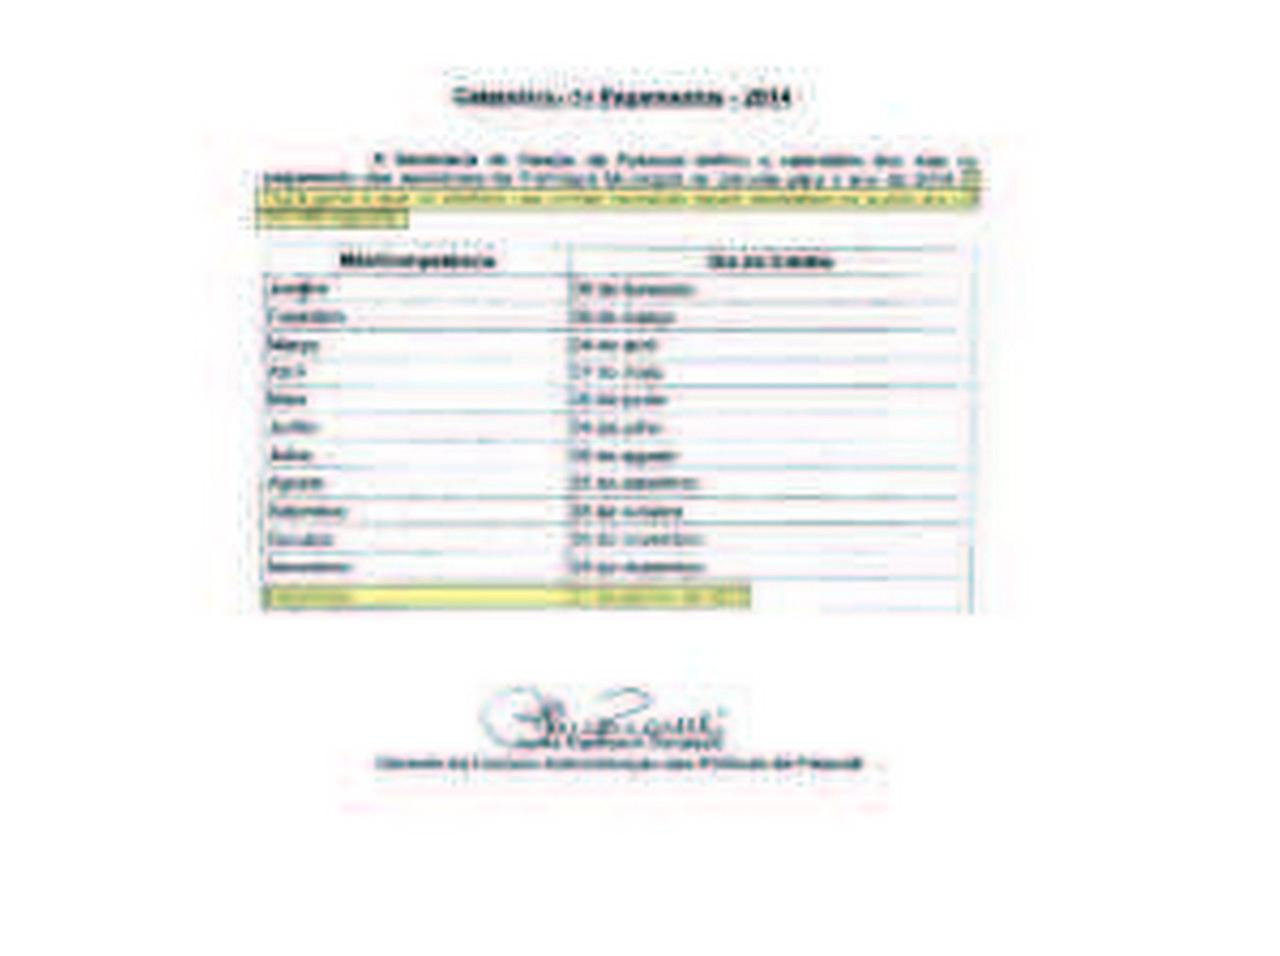 cronograma de pagamento -feito